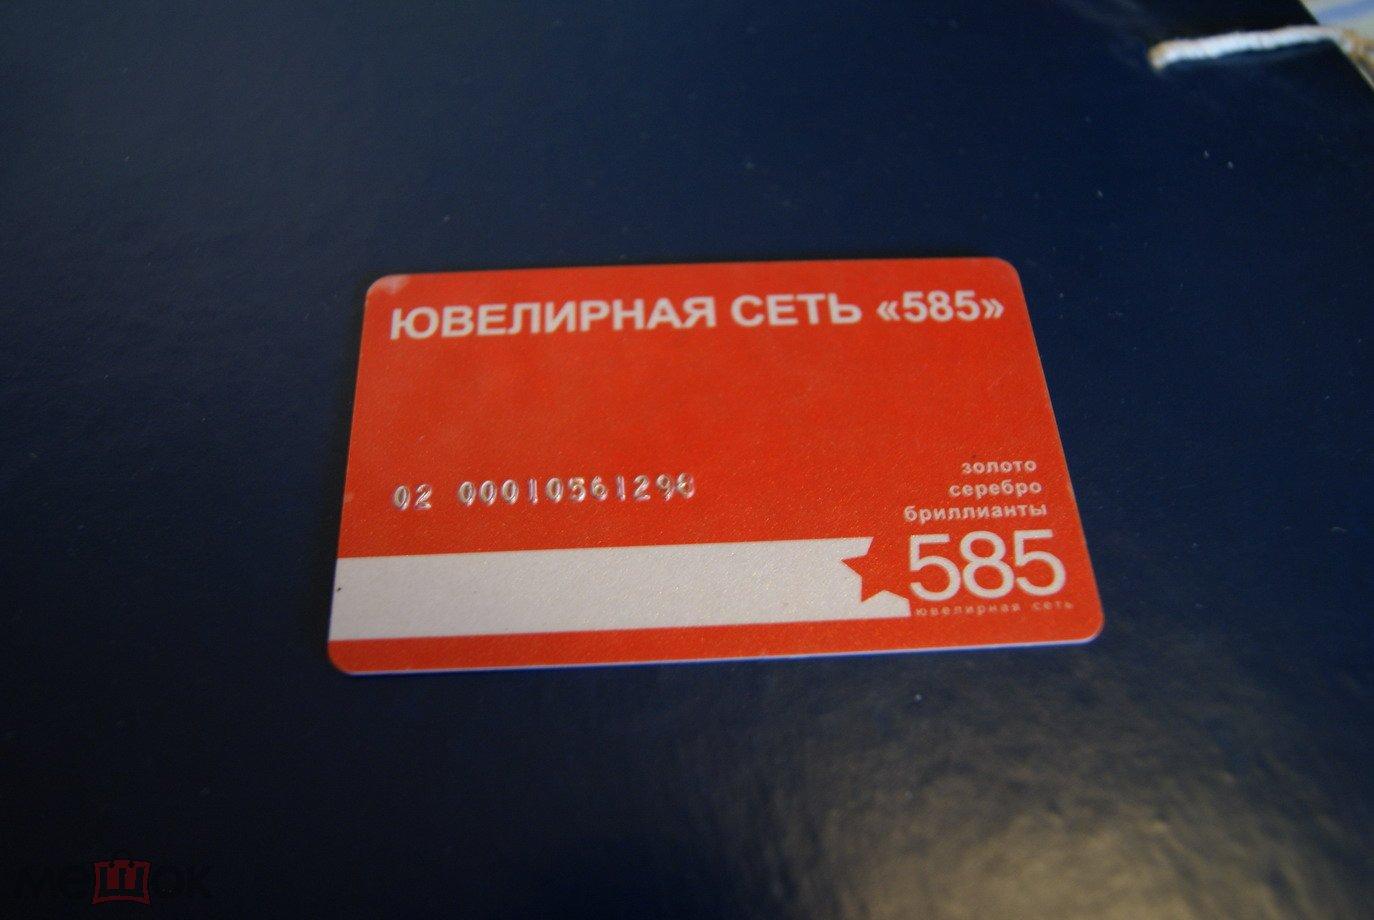 Хоум кредит адреса отделений в москве рядом с метро